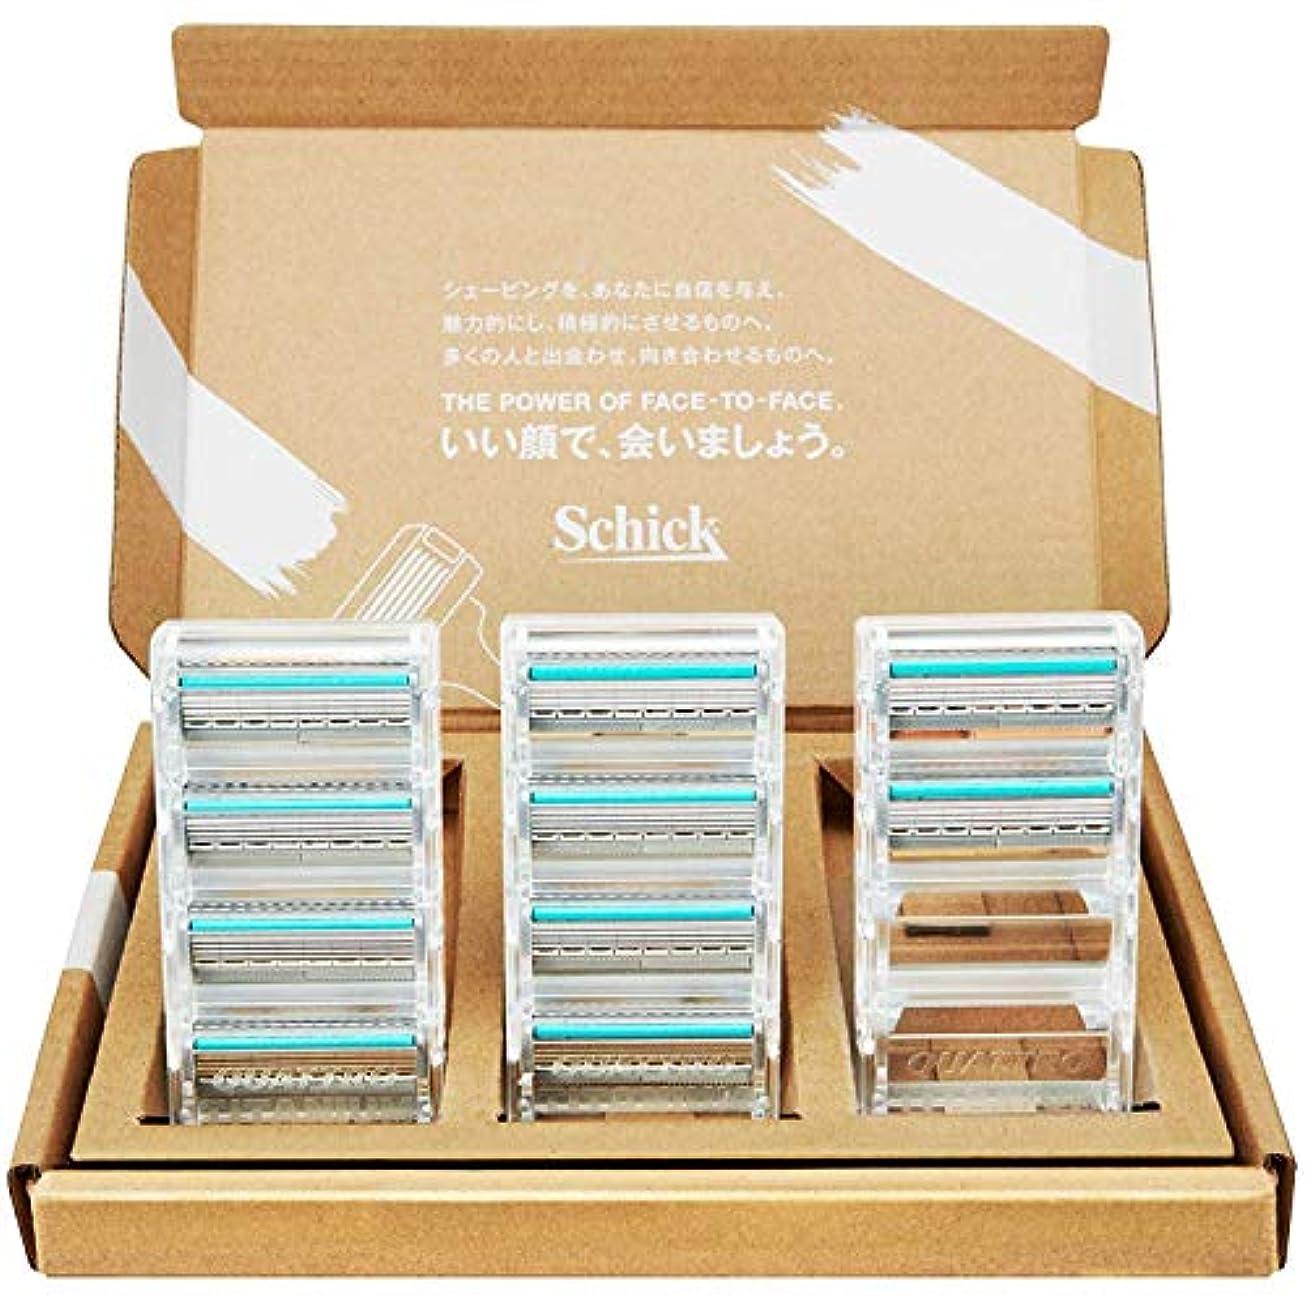 問い合わせる空気大佐【Amazon.co.jp 限定】シック クアトロ4 チタニウム 替刃 10コ入